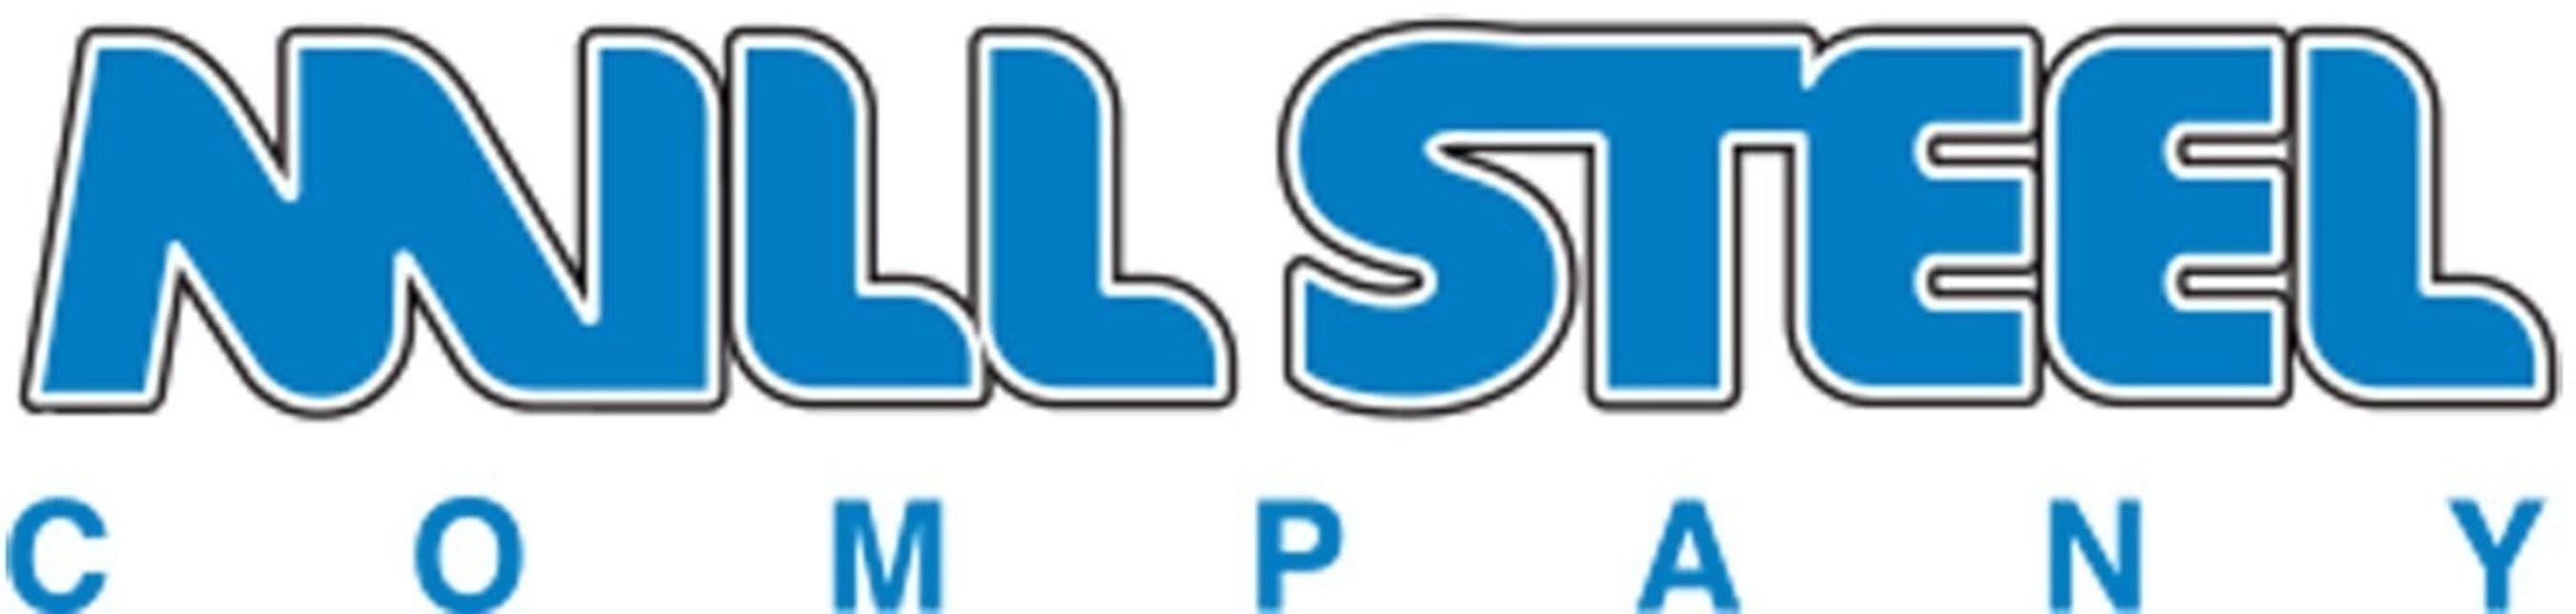 Mill Steel Co. logo